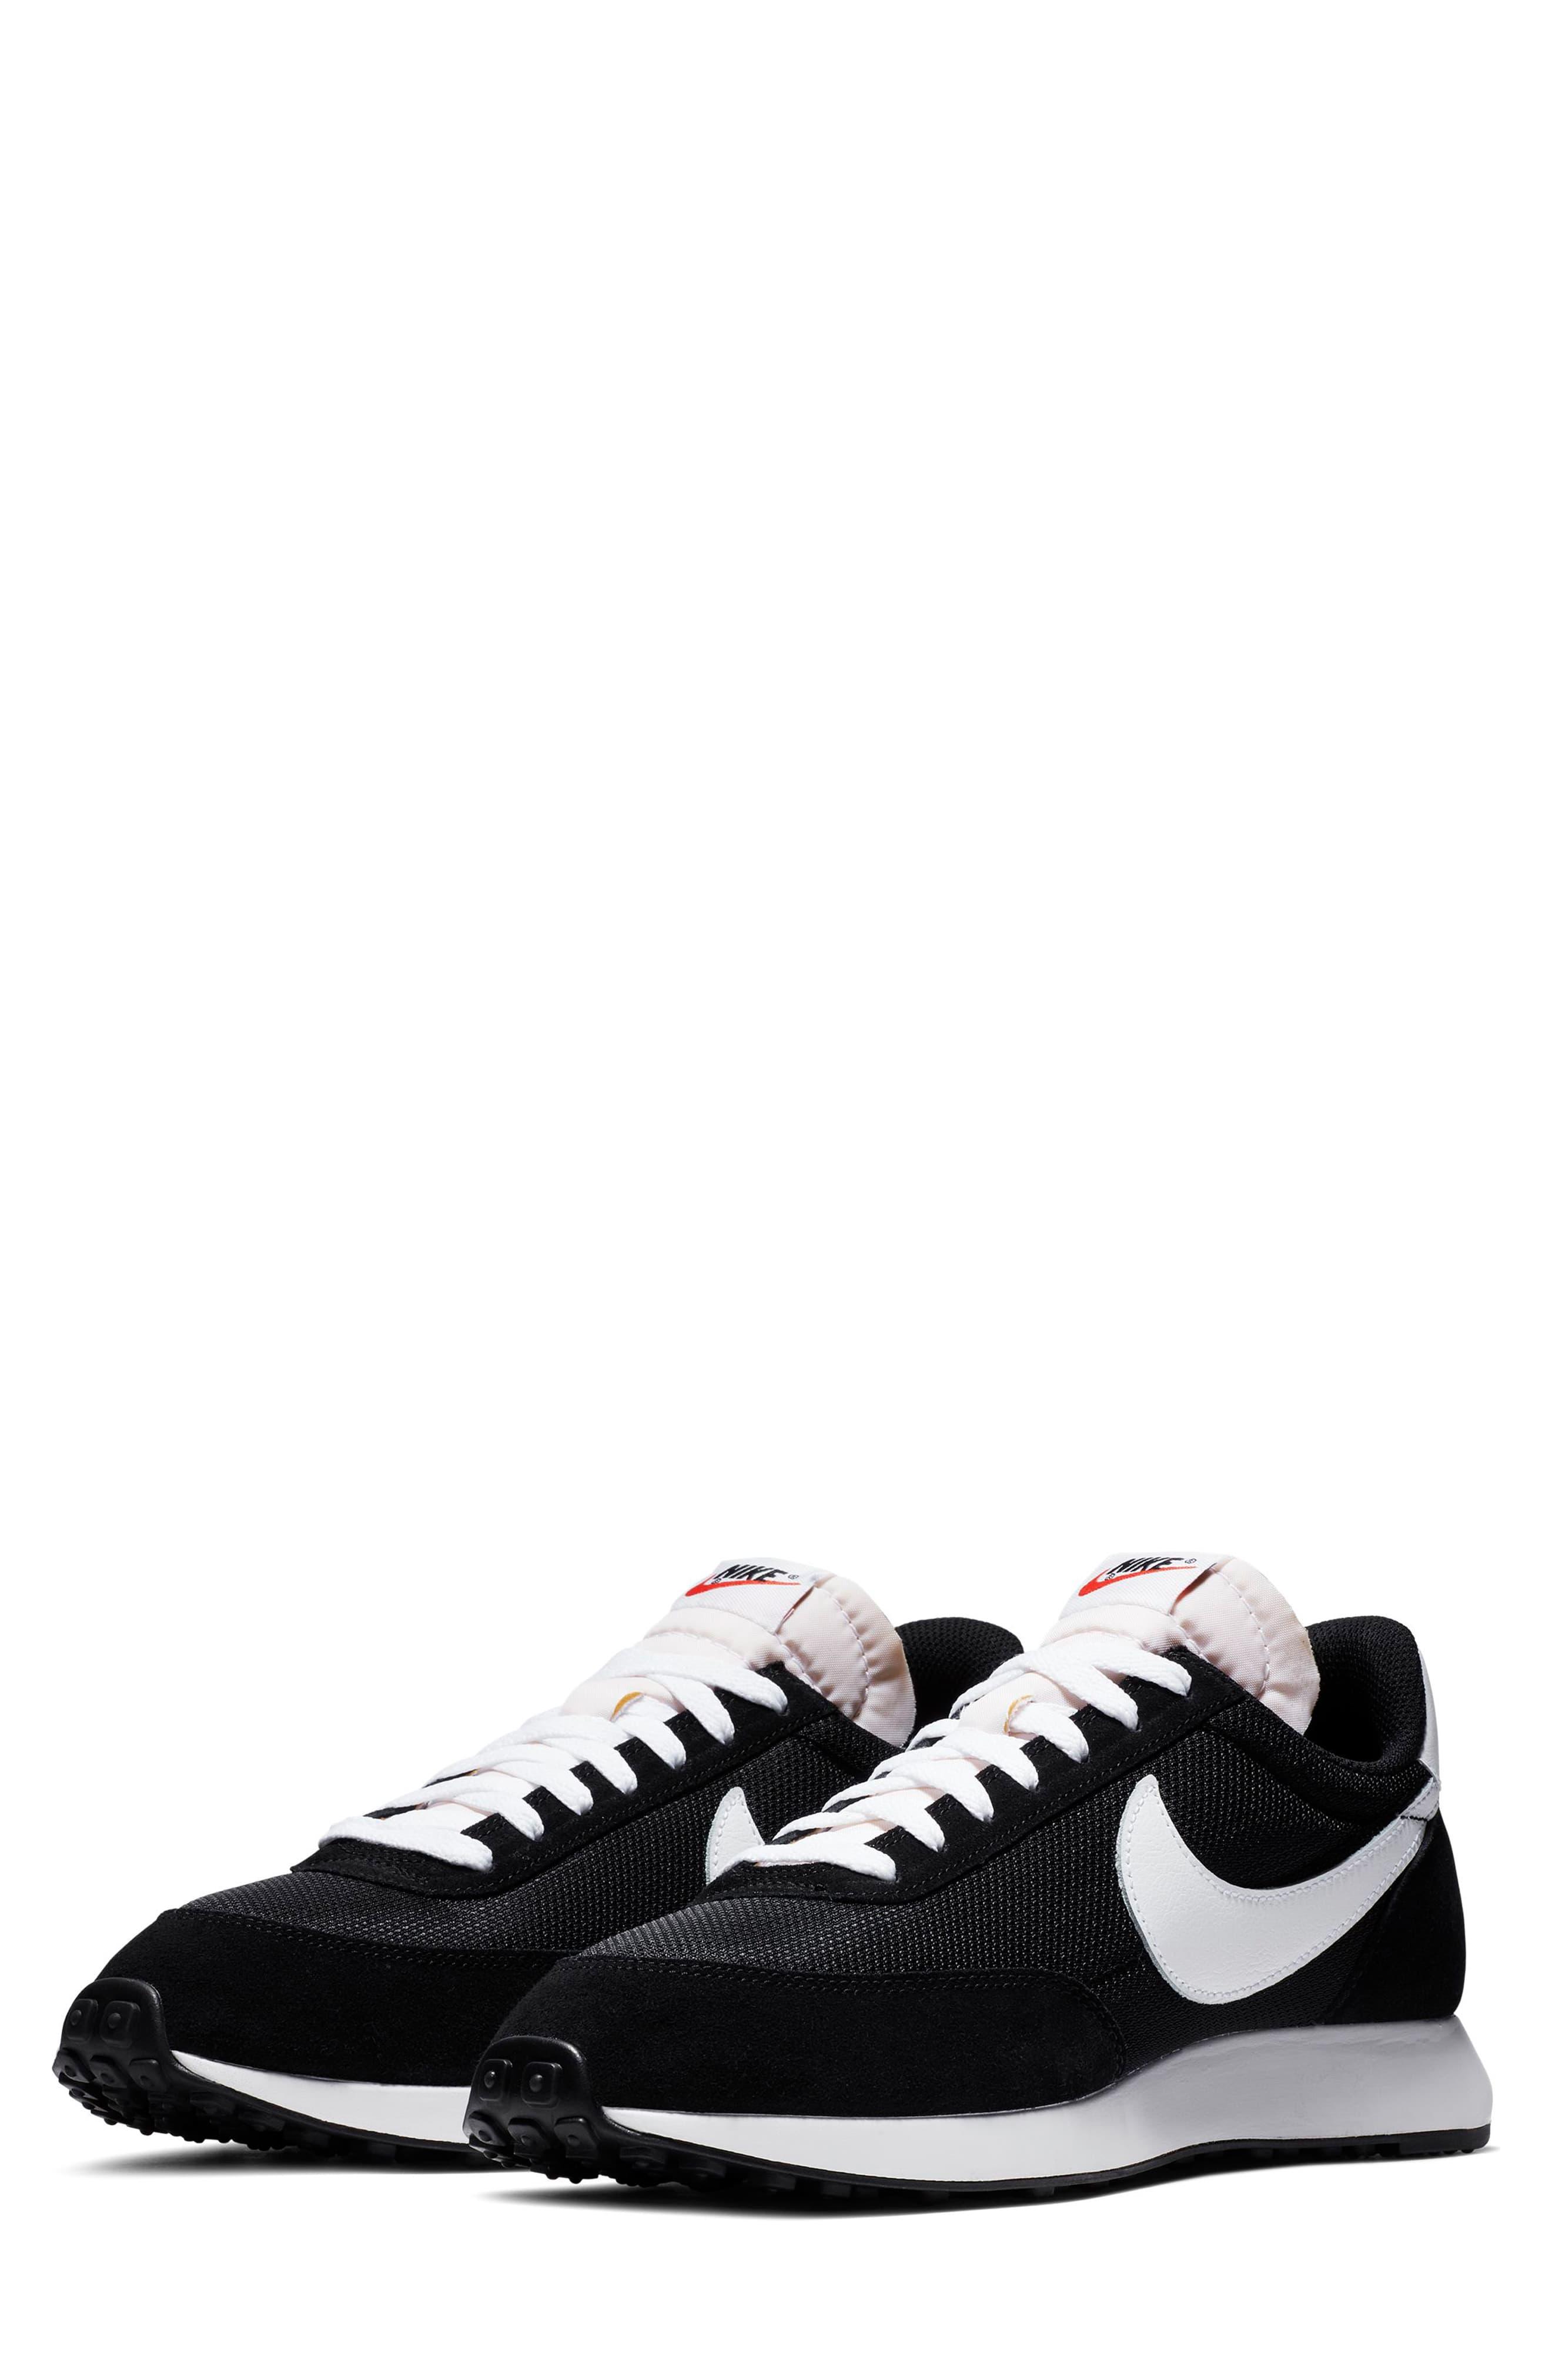 04903916 Men's Nike Air Tailwind Sneaker, Size 11.5 M - Beige in 2019 ...